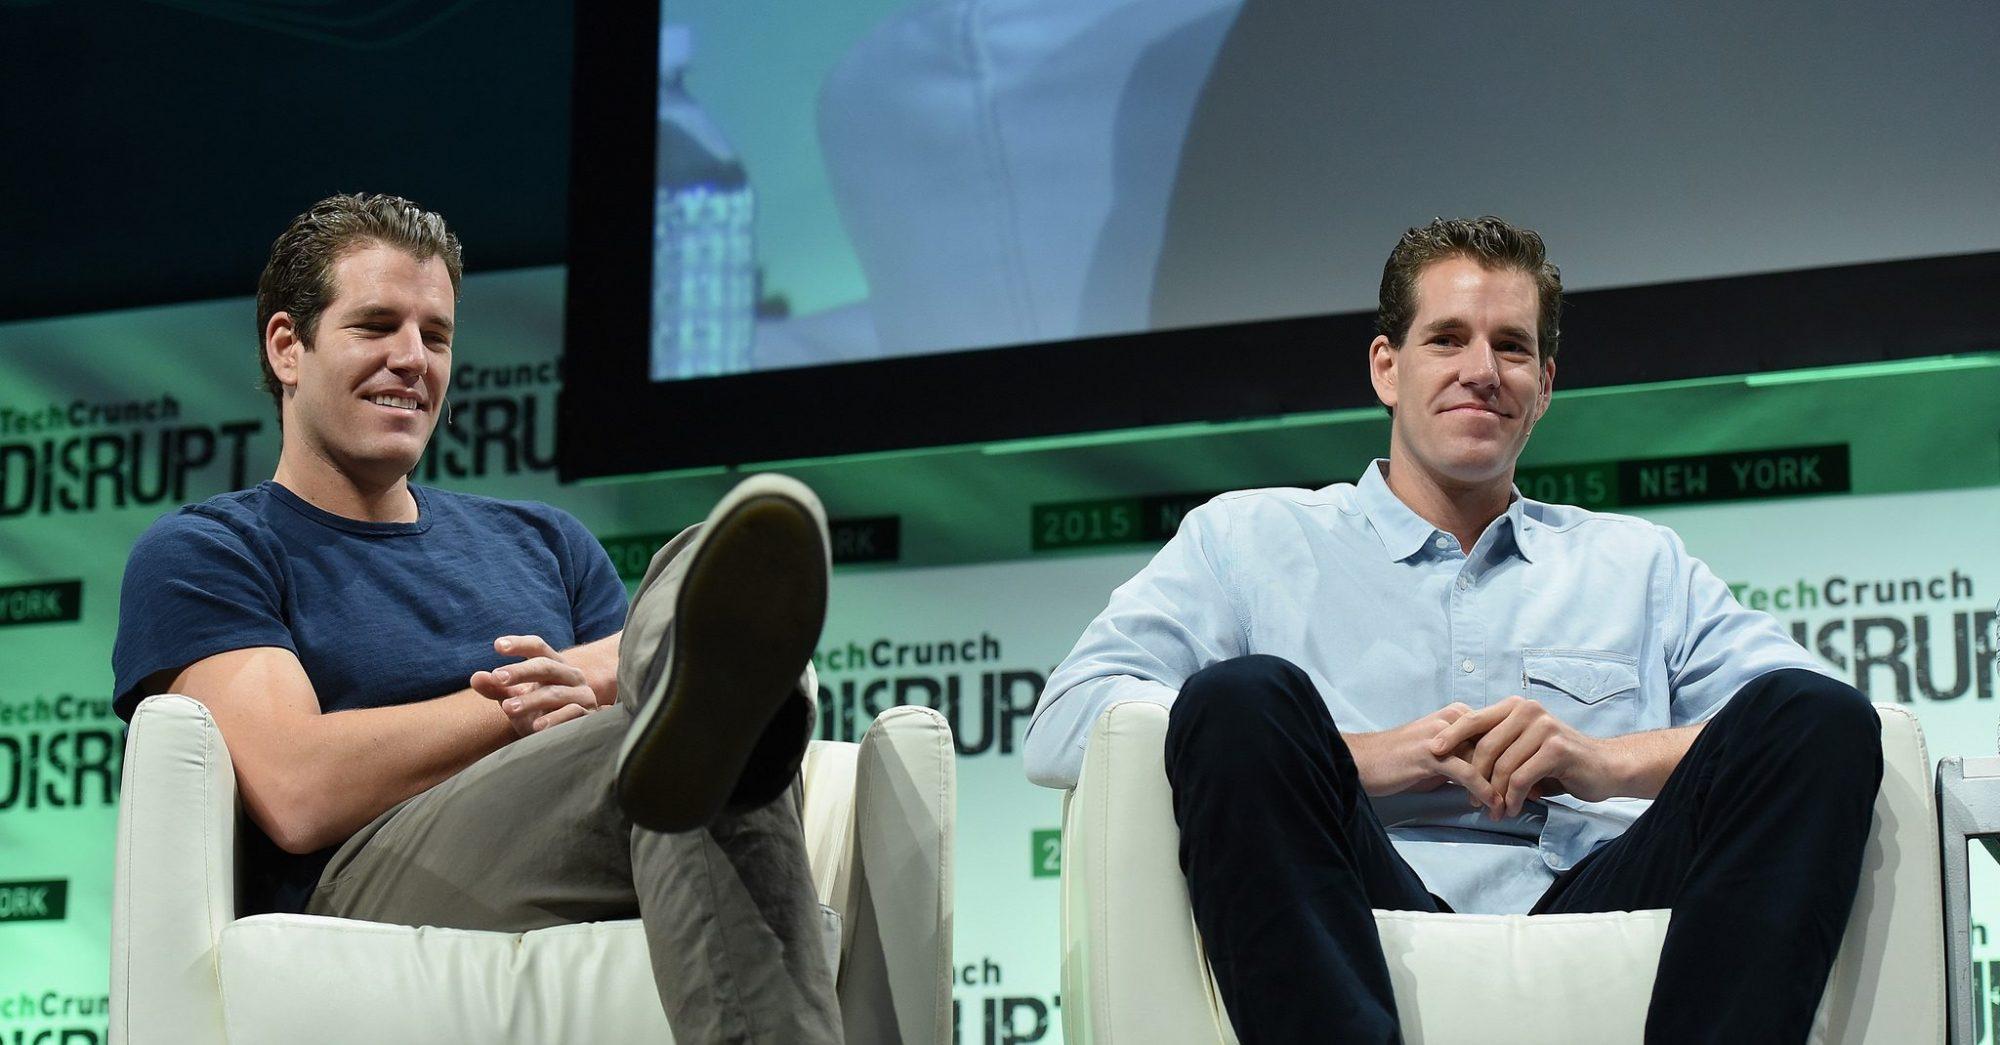 """Bitcoinů """"na rozdávání"""" mají i bratři Winklevossovi, kteří Zuckerbergovi vnukli nápad na Facebook. Podle všeho drží v bitcoinech přes miliardu dolarů"""